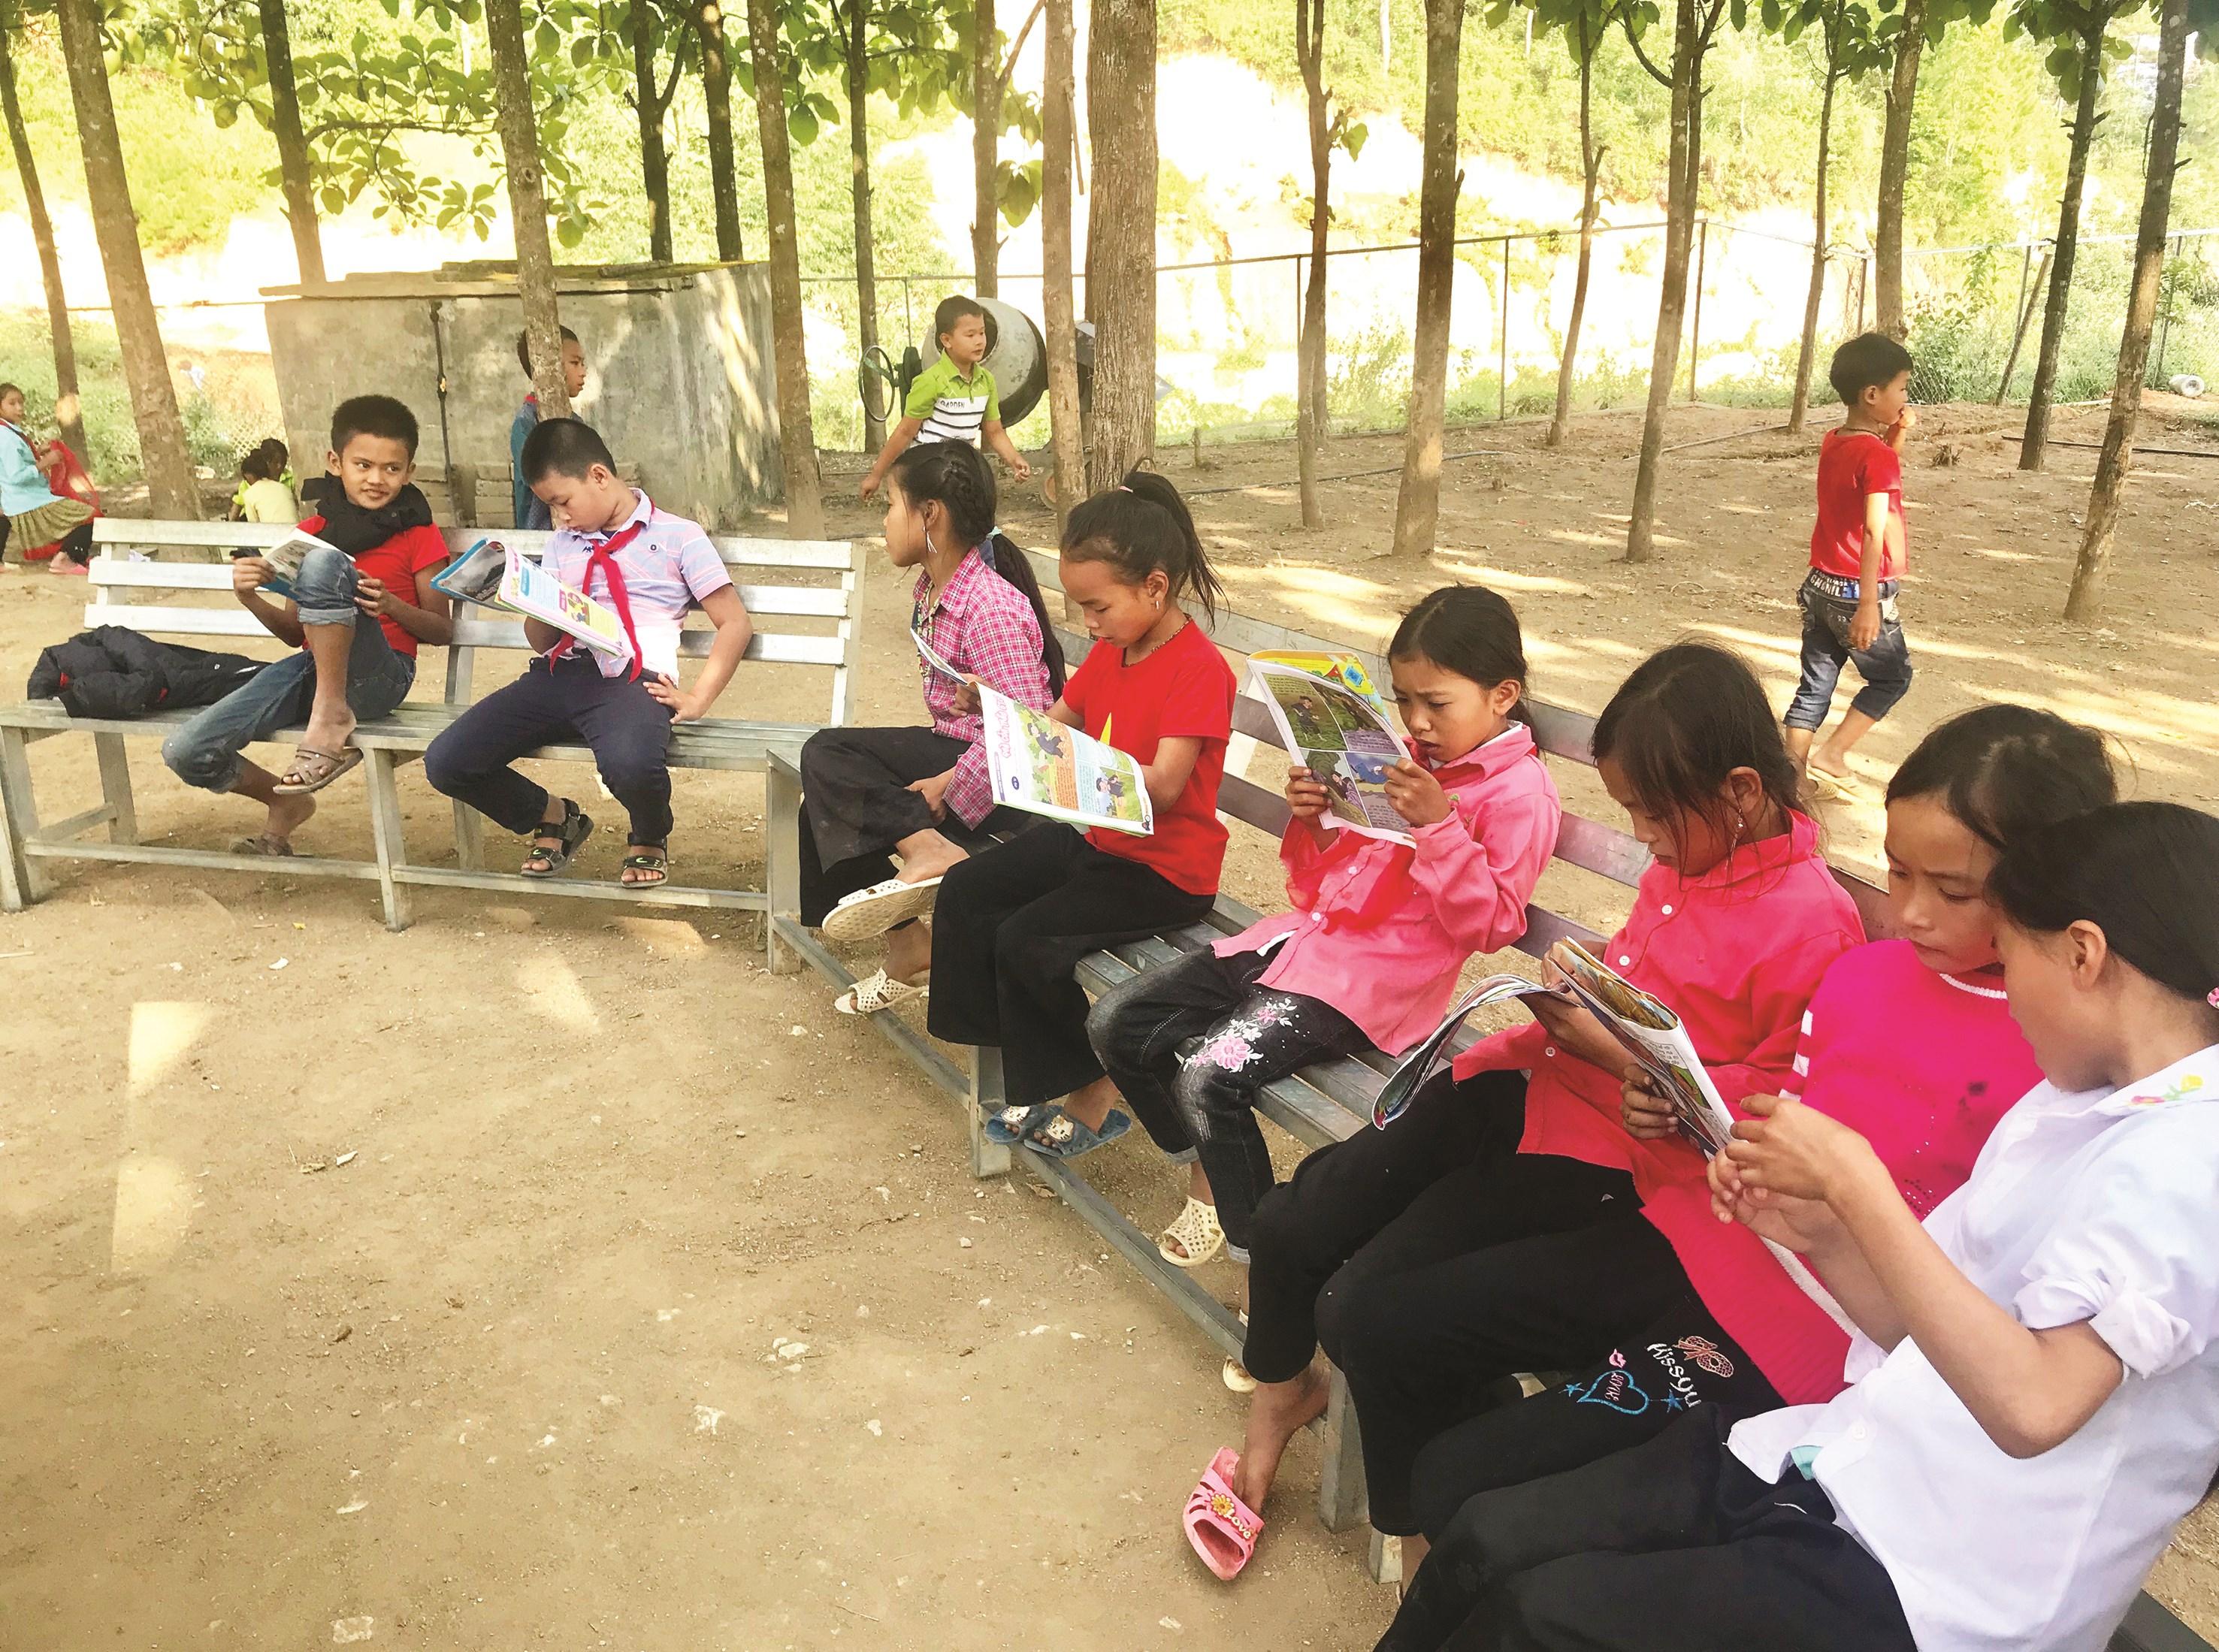 Nhiều chính sách giáo dục dân tộc được triển khai, đã góp phần nâng cao chất lượng giáo dục và đạo tạo vùng DTTS và miền núi.